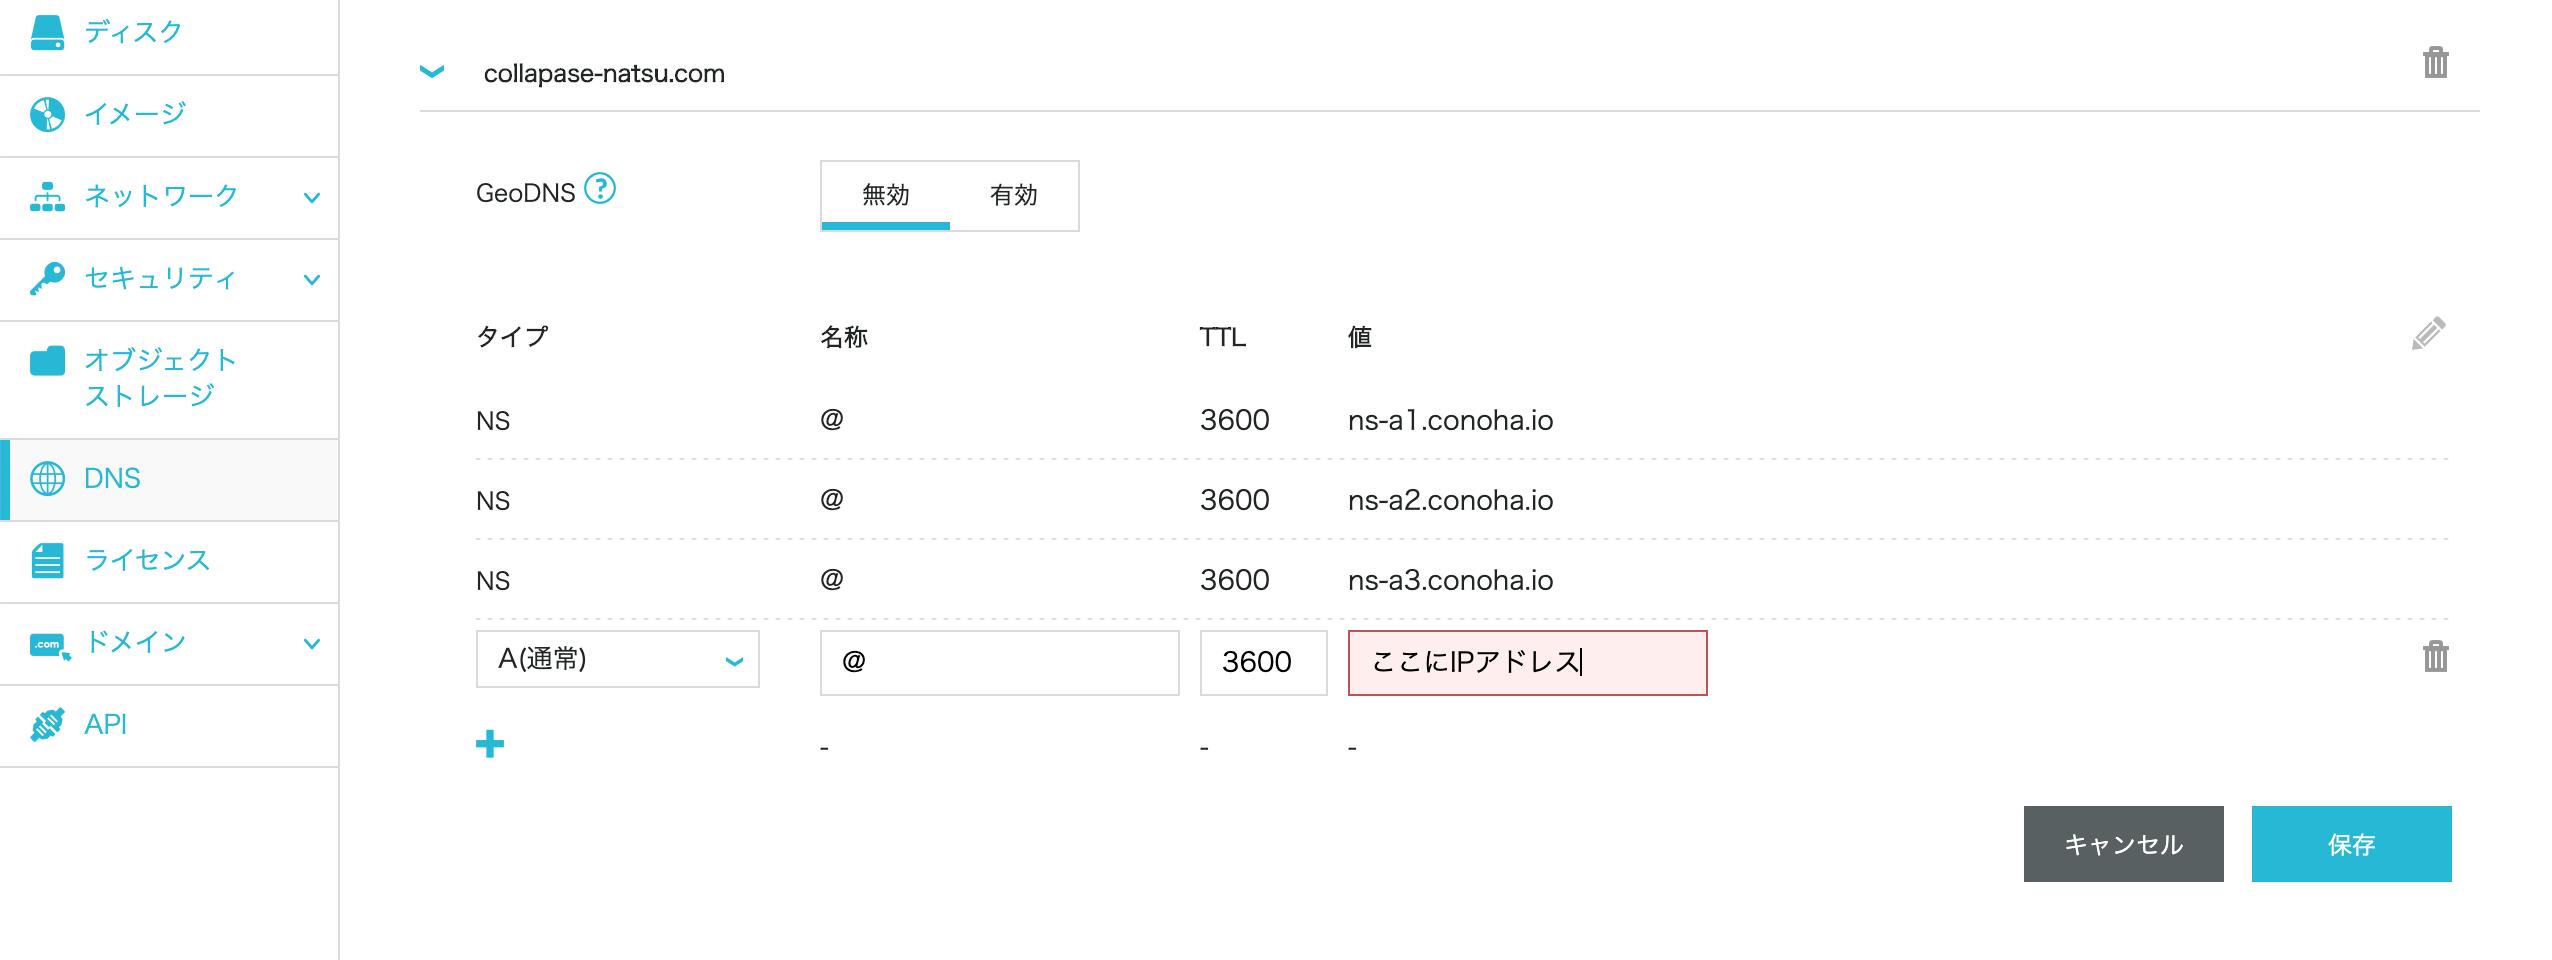 スクリーンショット 2020-07-20 0.43.28.png